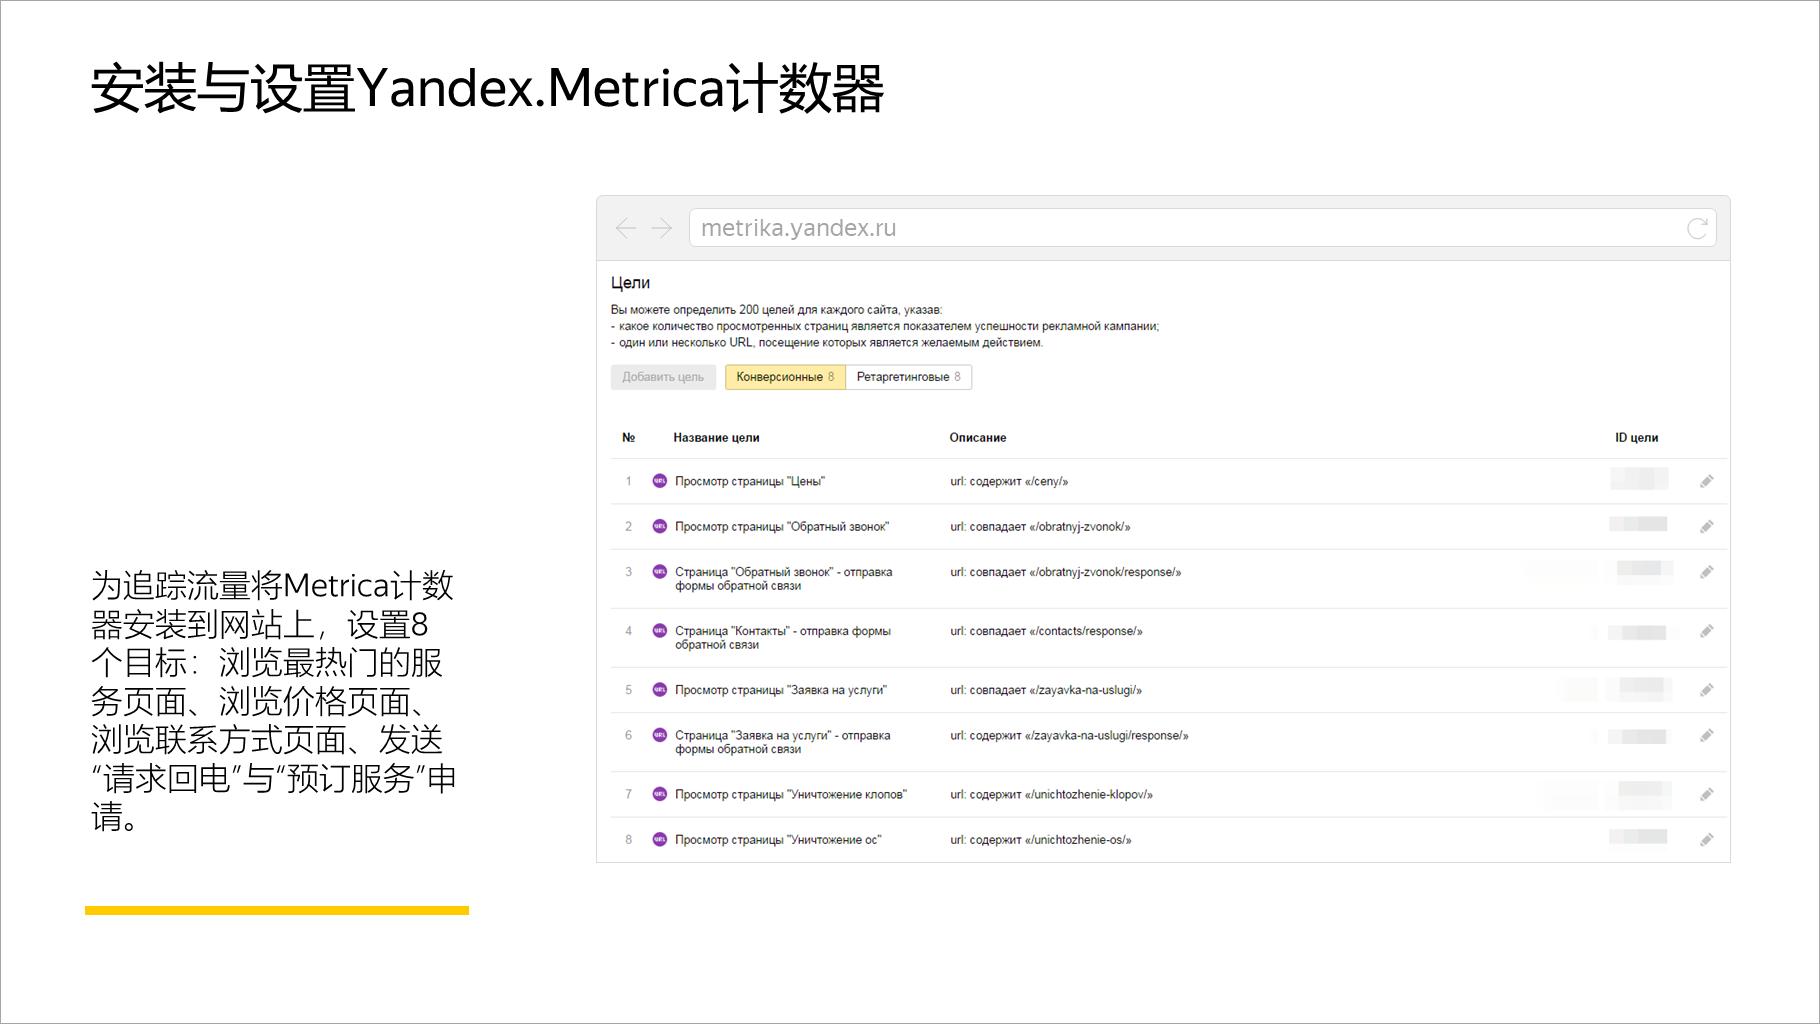 安装与设置Yandex.Metrica计数器